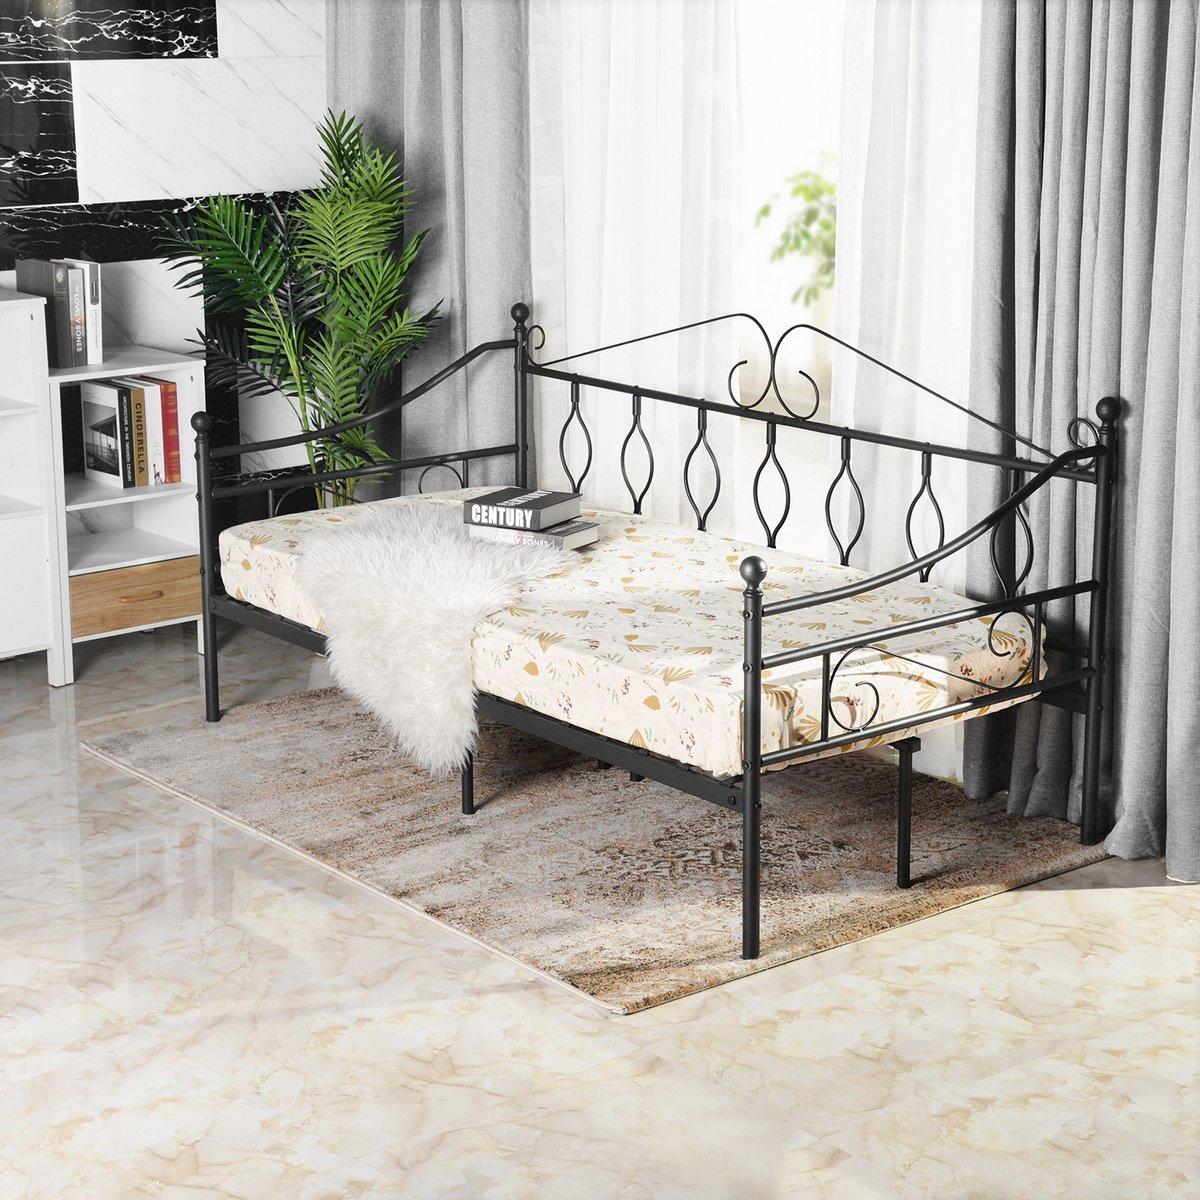 Full Size of Klappbares Doppelbett Bauen Bett Aingoo Gstebett Klappbar Aus Metall Klappbett Inkl Ausklappbares Wohnzimmer Klappbares Doppelbett